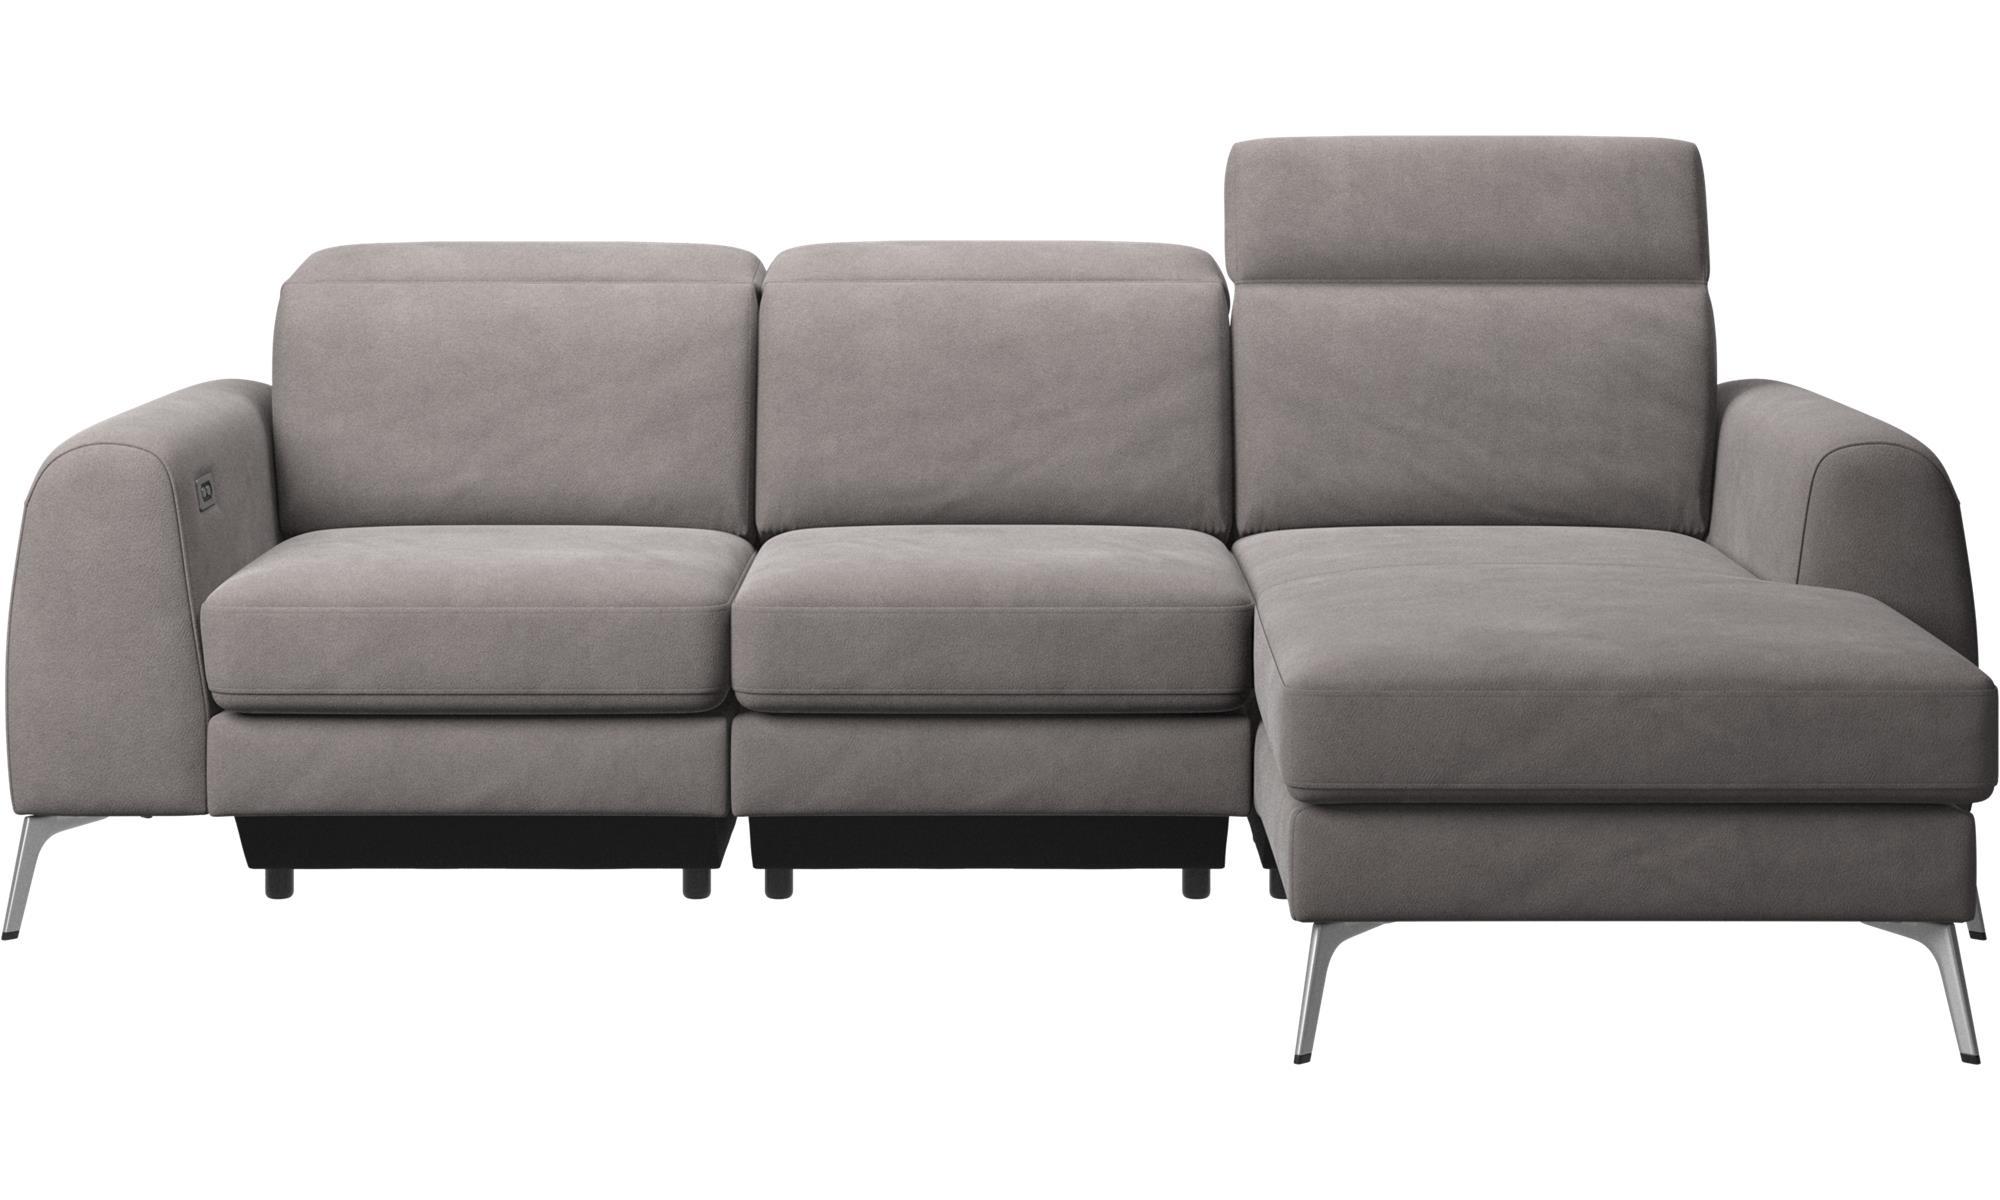 Erstaunlich Sofa Kopfstütze Sammlung Von 3-sitzer Sofas - Madison Mit Ruhemodul Und